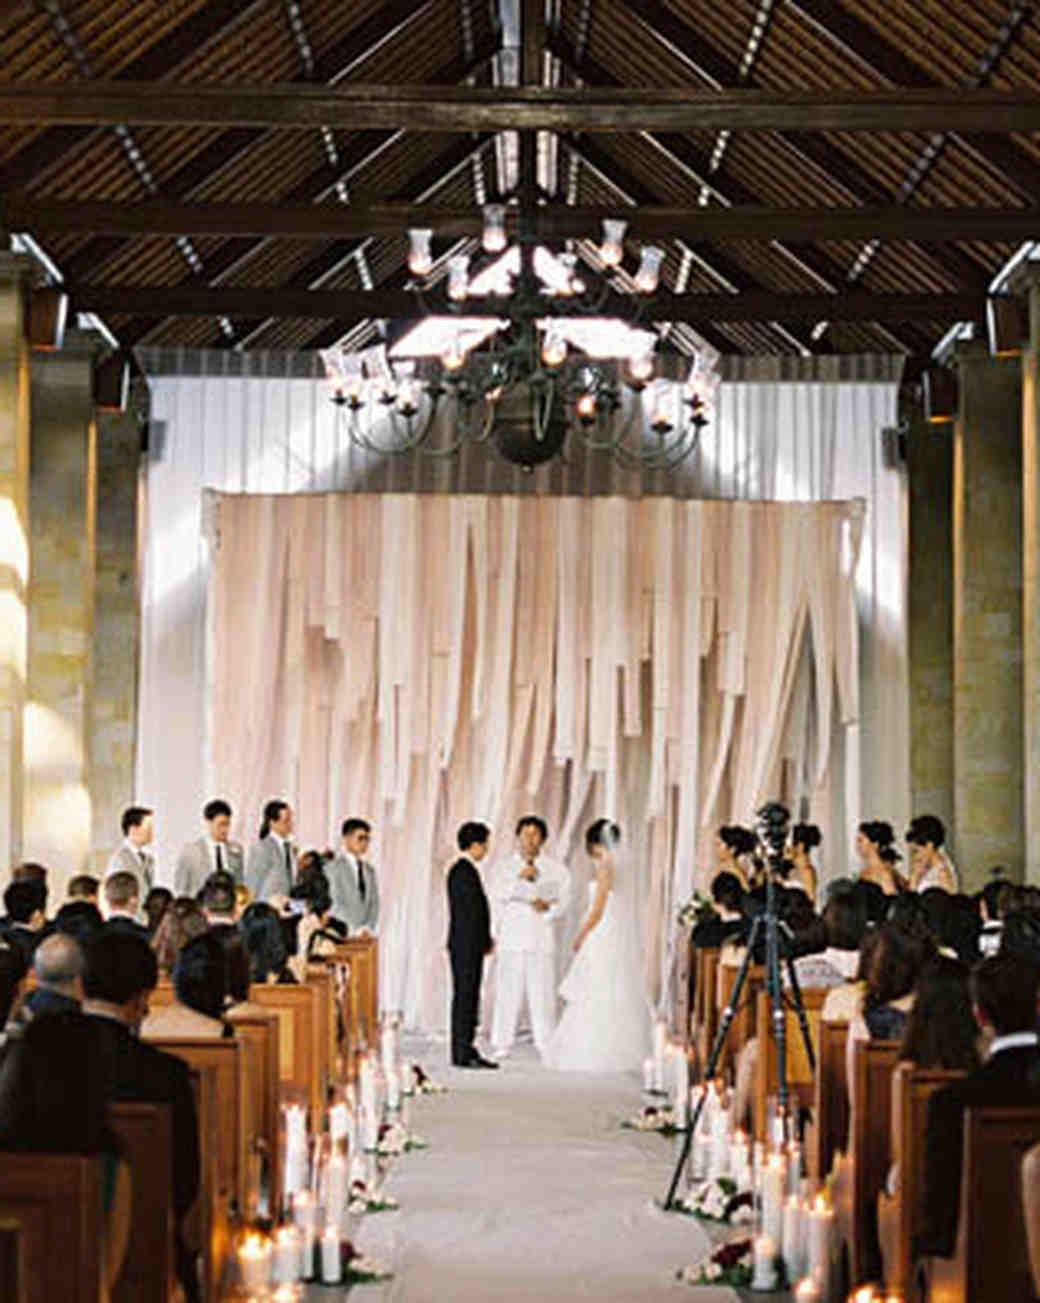 vows-wds109374.jpg